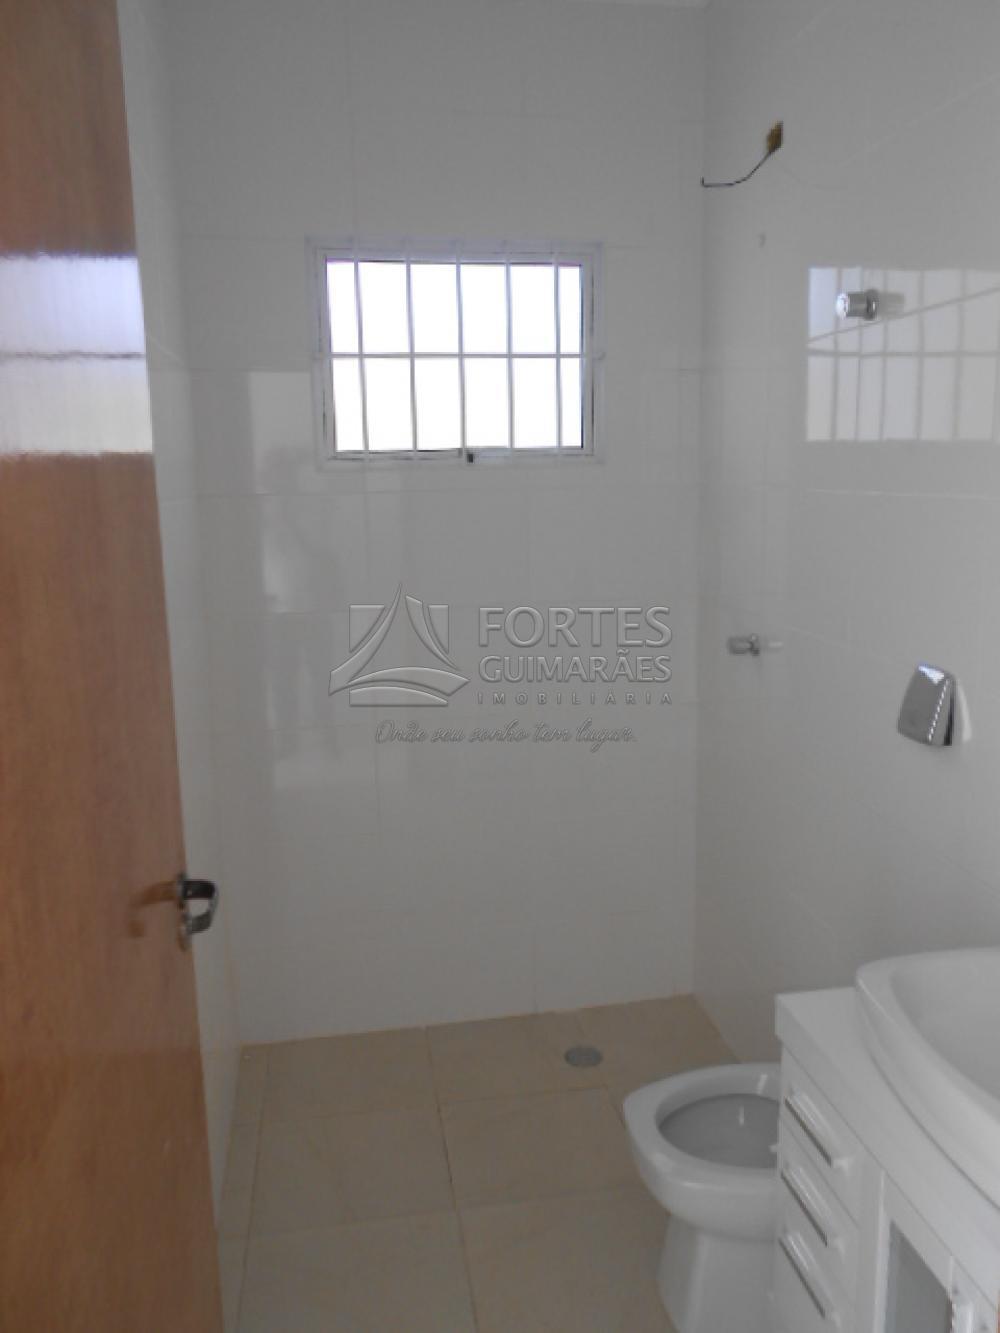 Alugar Casas / Padrão em Bonfim Paulista apenas R$ 1.300,00 - Foto 21